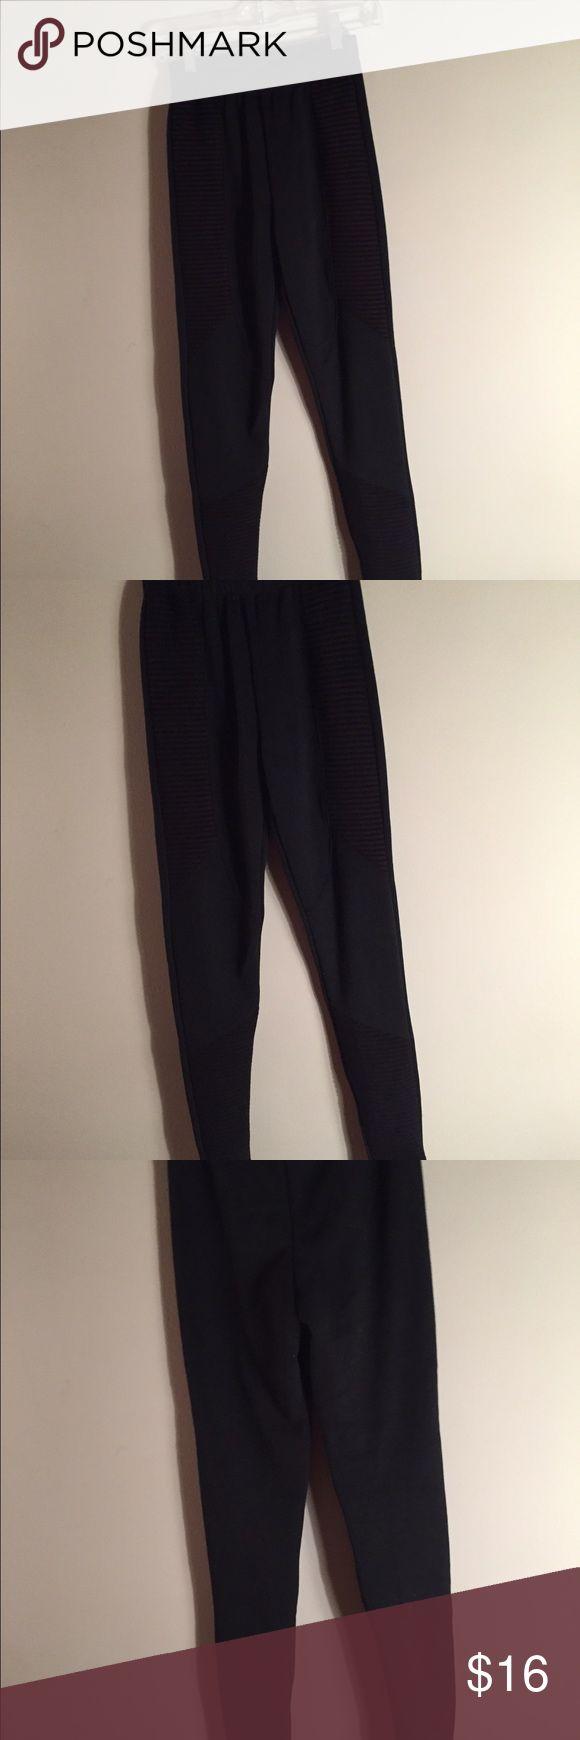 Thick leggings made in Korea Black legging s F Pants Leggings